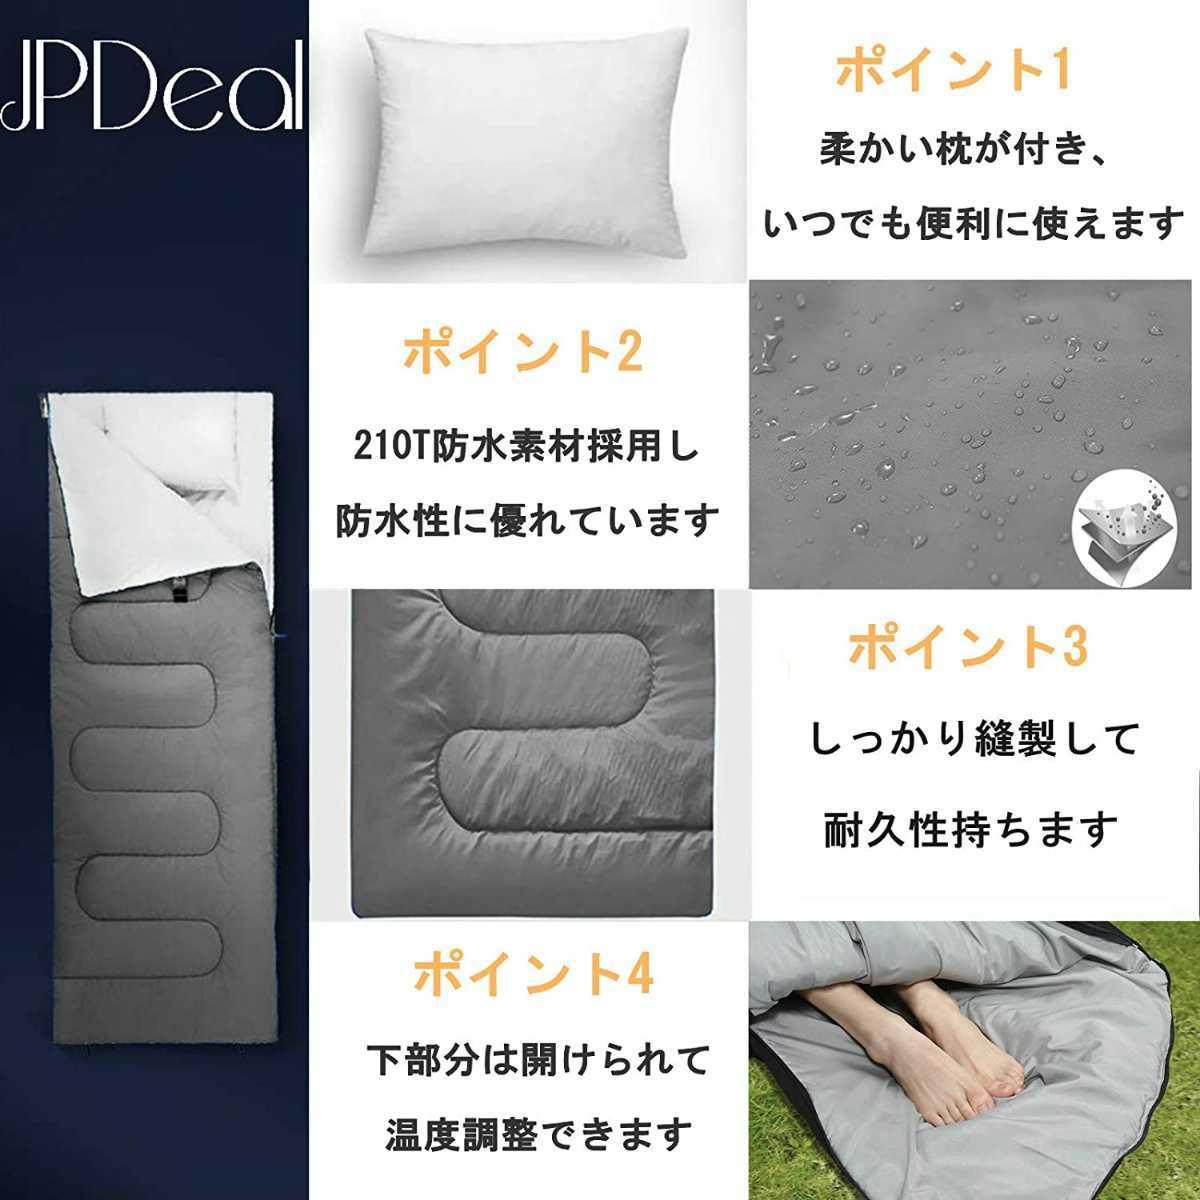 封筒型寝袋 シュラフ 枕付き コンパクト【グレー】